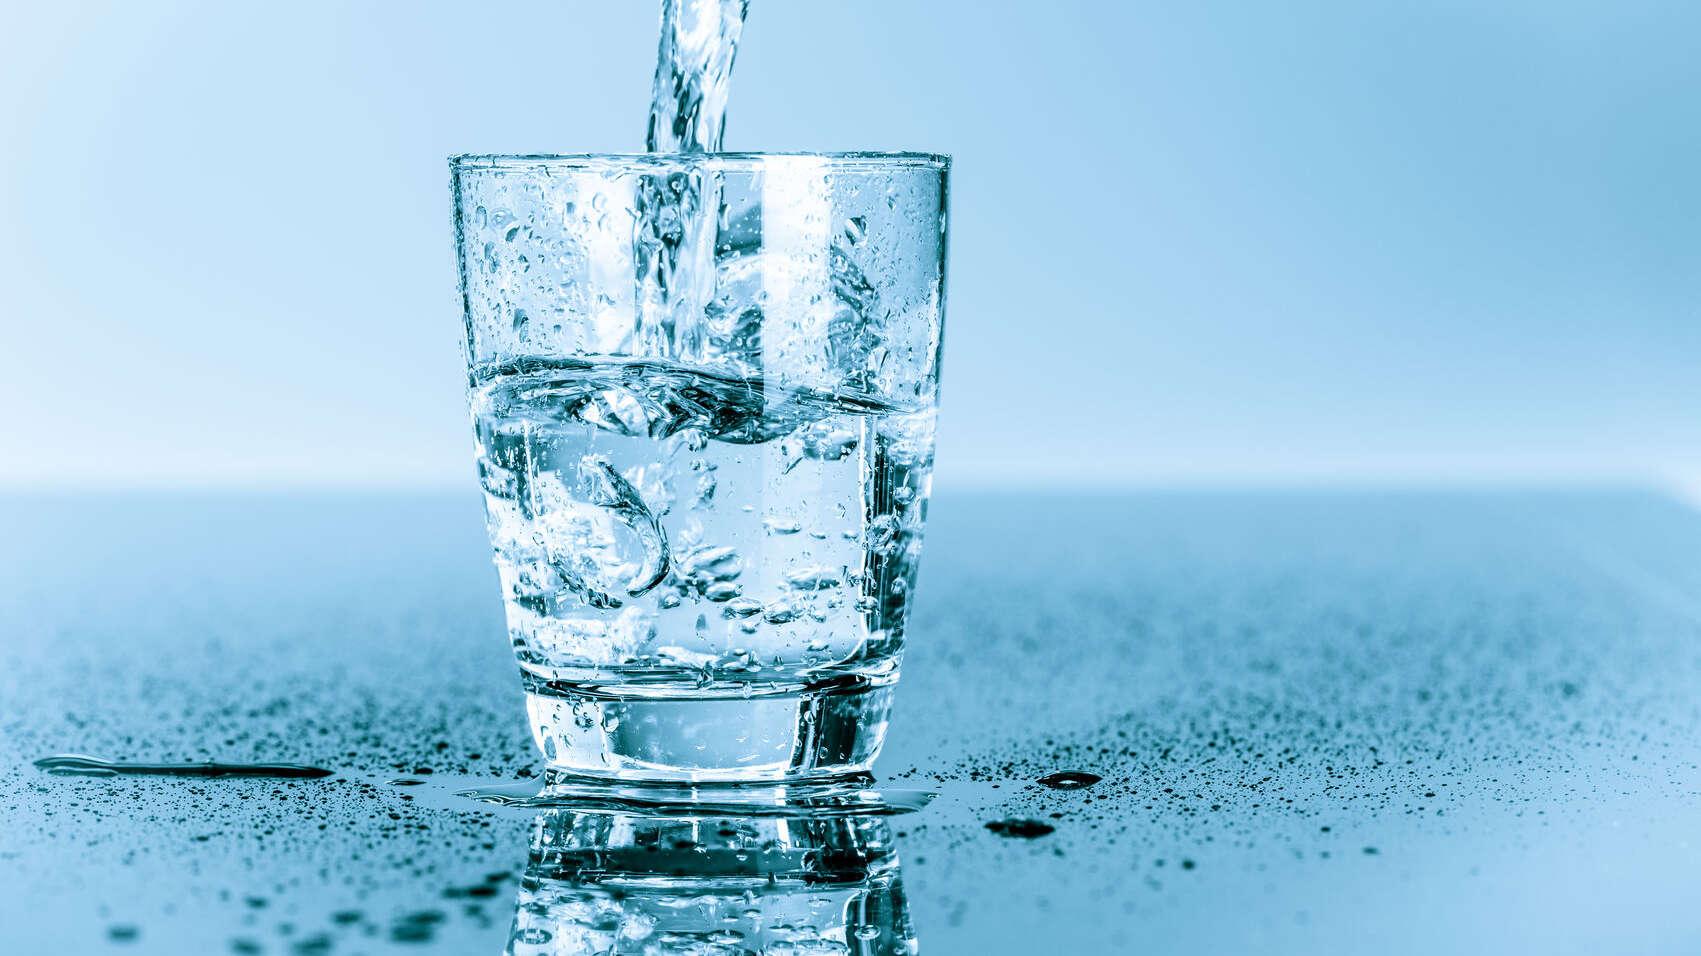 Wasserstrahl läuft in ein Glas